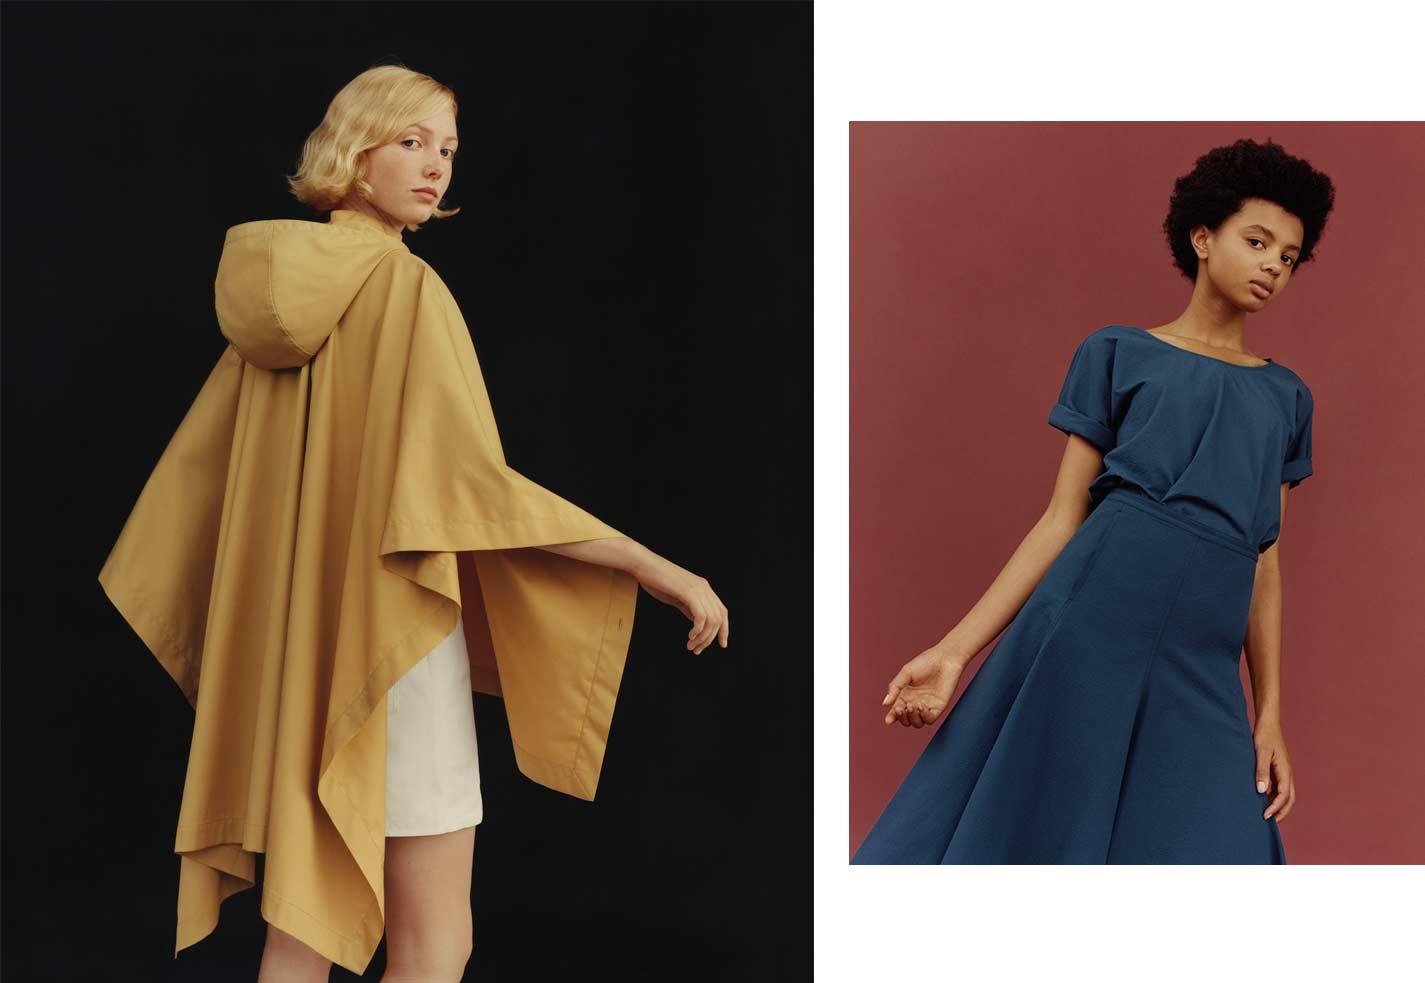 84b6baf0c63c В Mango ищите верхнюю одежду – недорогие пальто, куртки и пуховики  актуальных фасонов и приемлемого качества. В Gap традиционно идут за ...